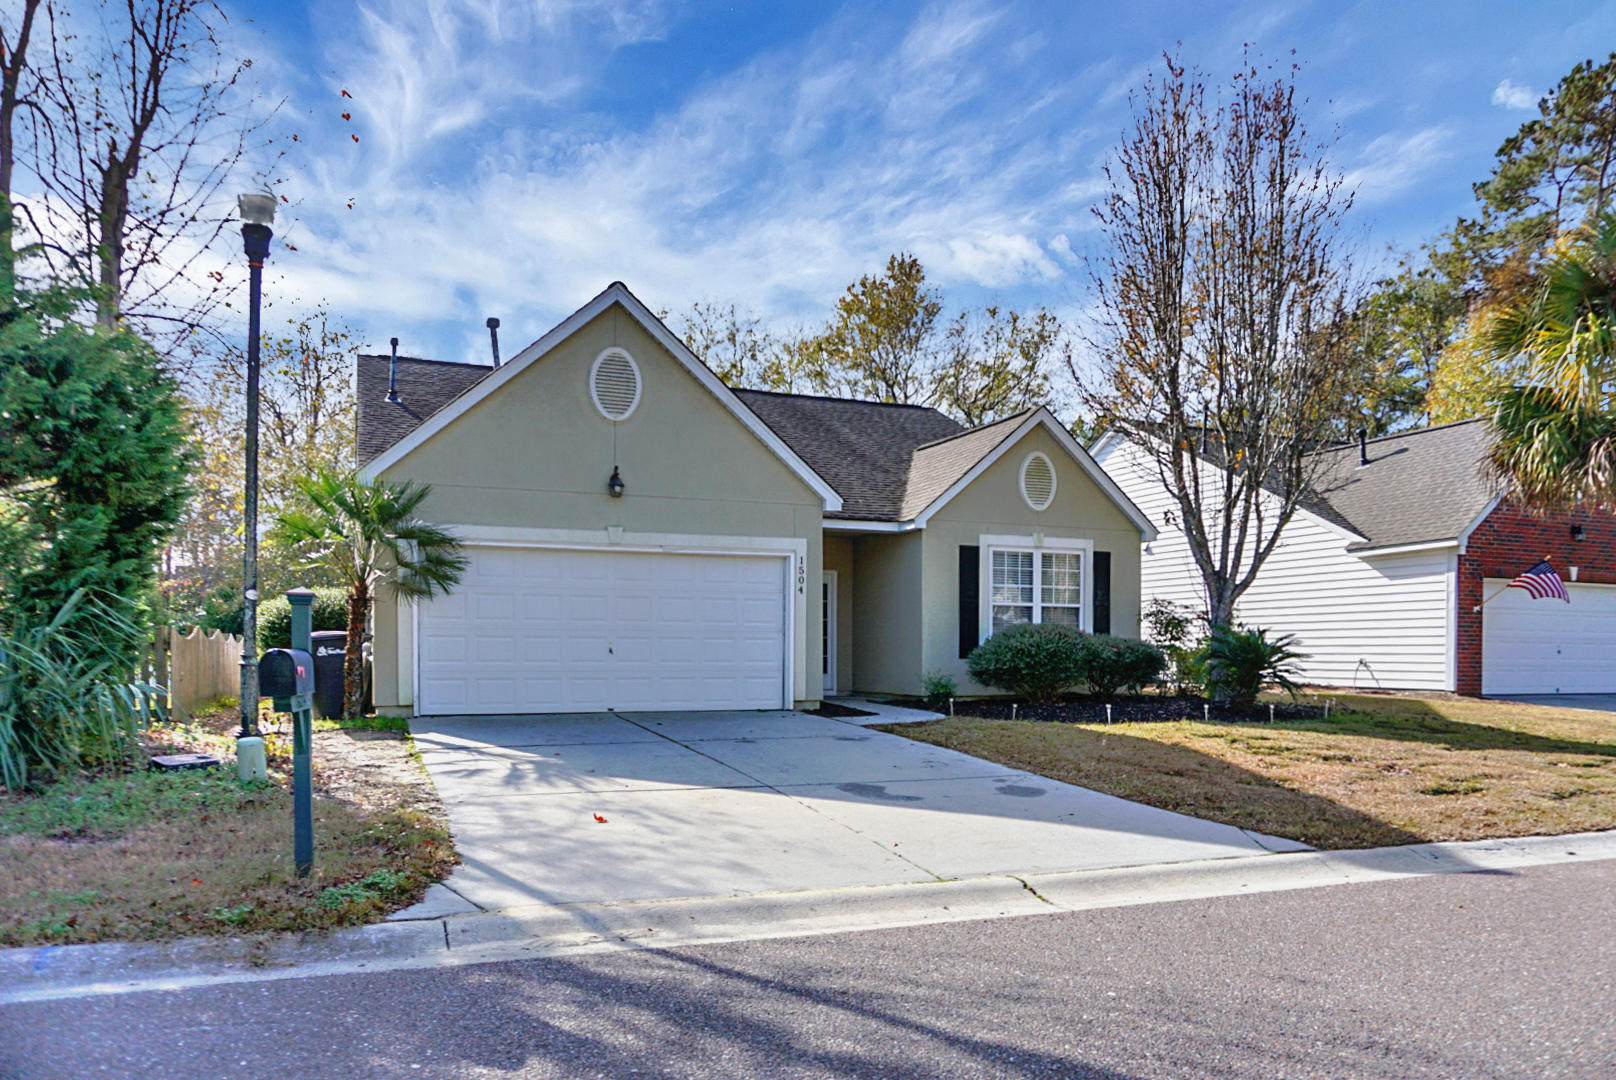 Park West Homes For Sale - 1504 Huxley, Mount Pleasant, SC - 3